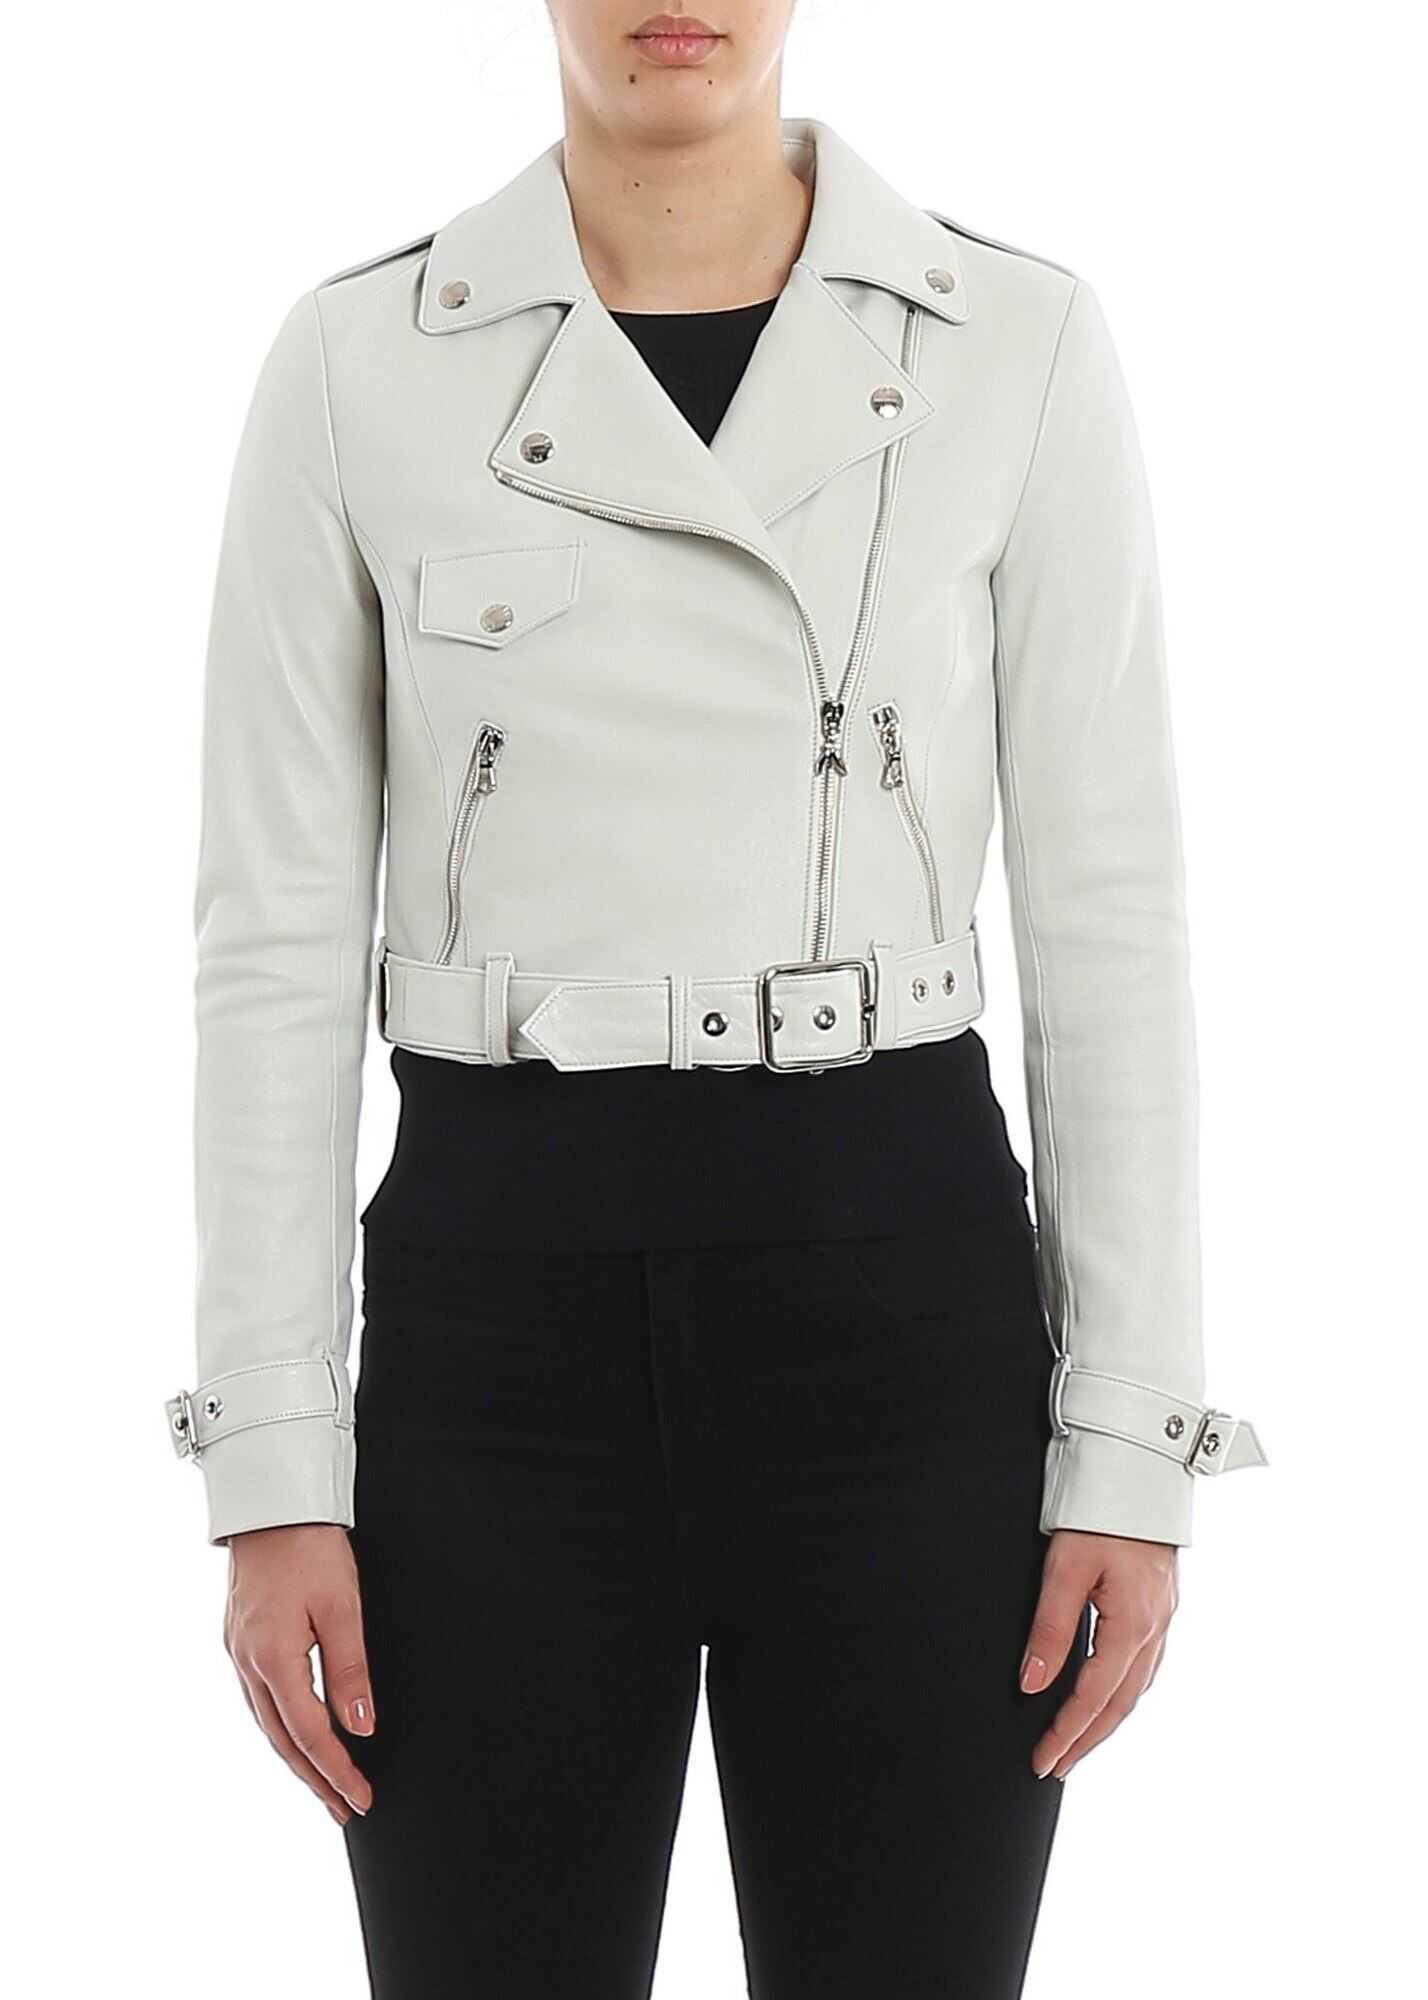 Patrizia Pepe Cropped Jacket In White White